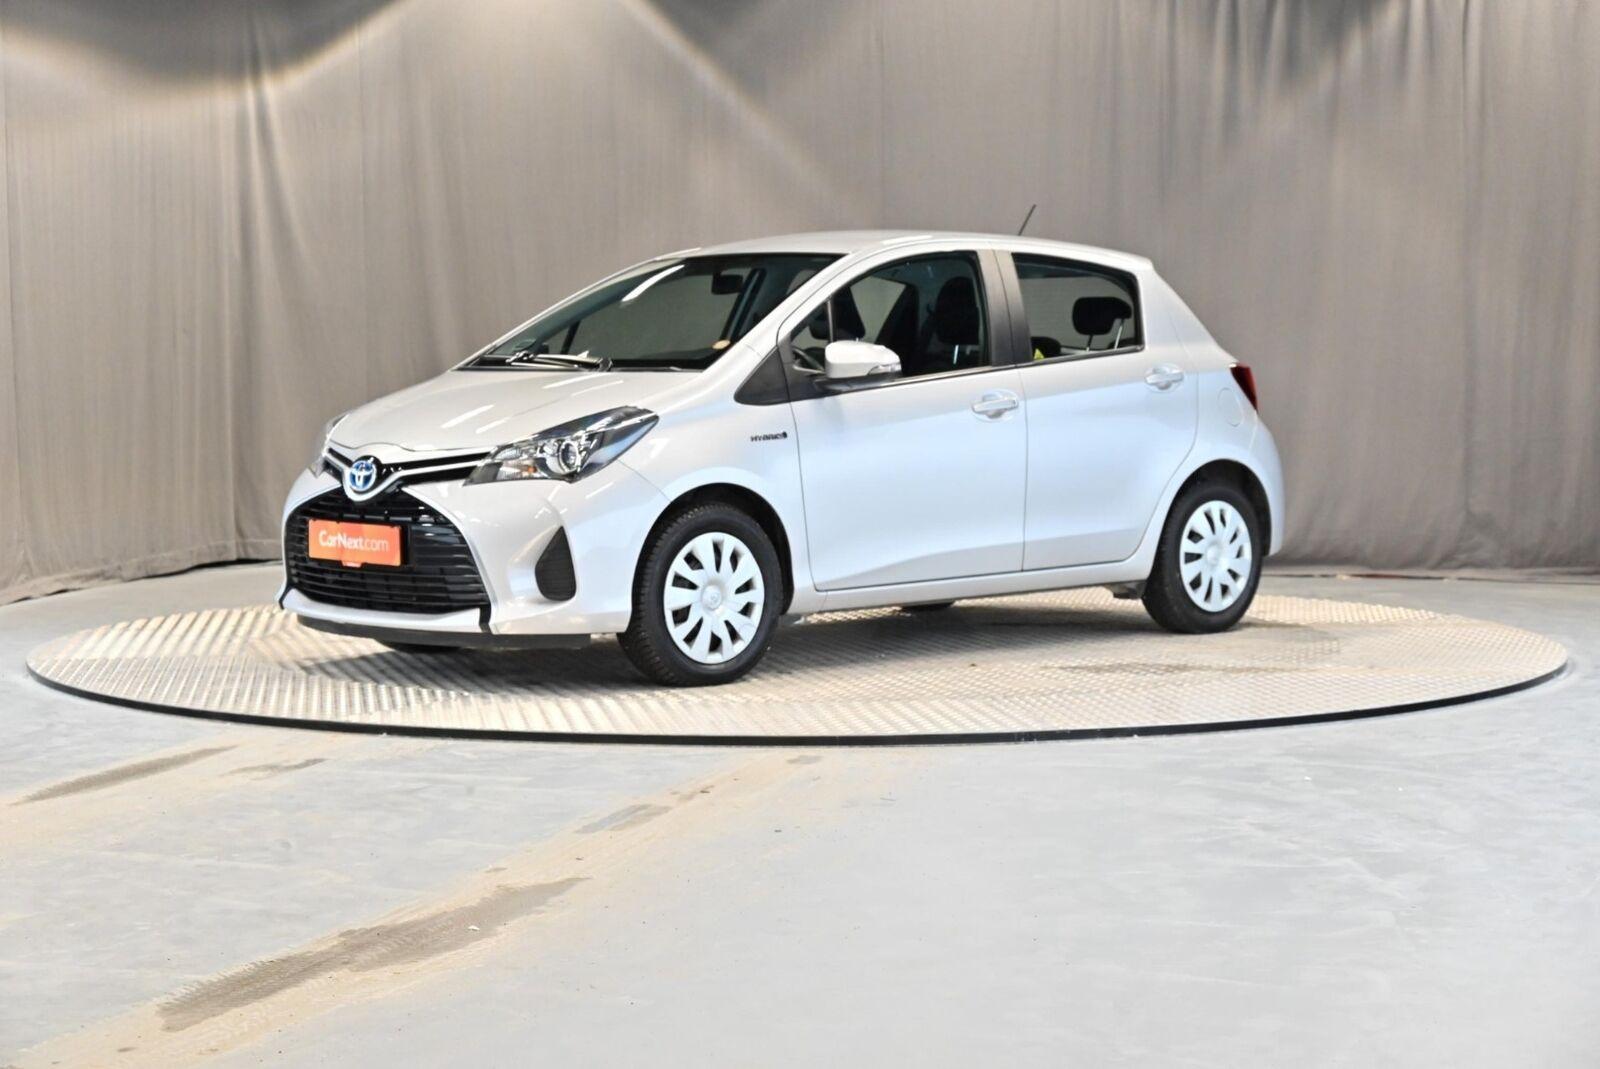 Toyota Yaris 1,5 Hybrid H2 e-CVT 5d - 114.900 kr.